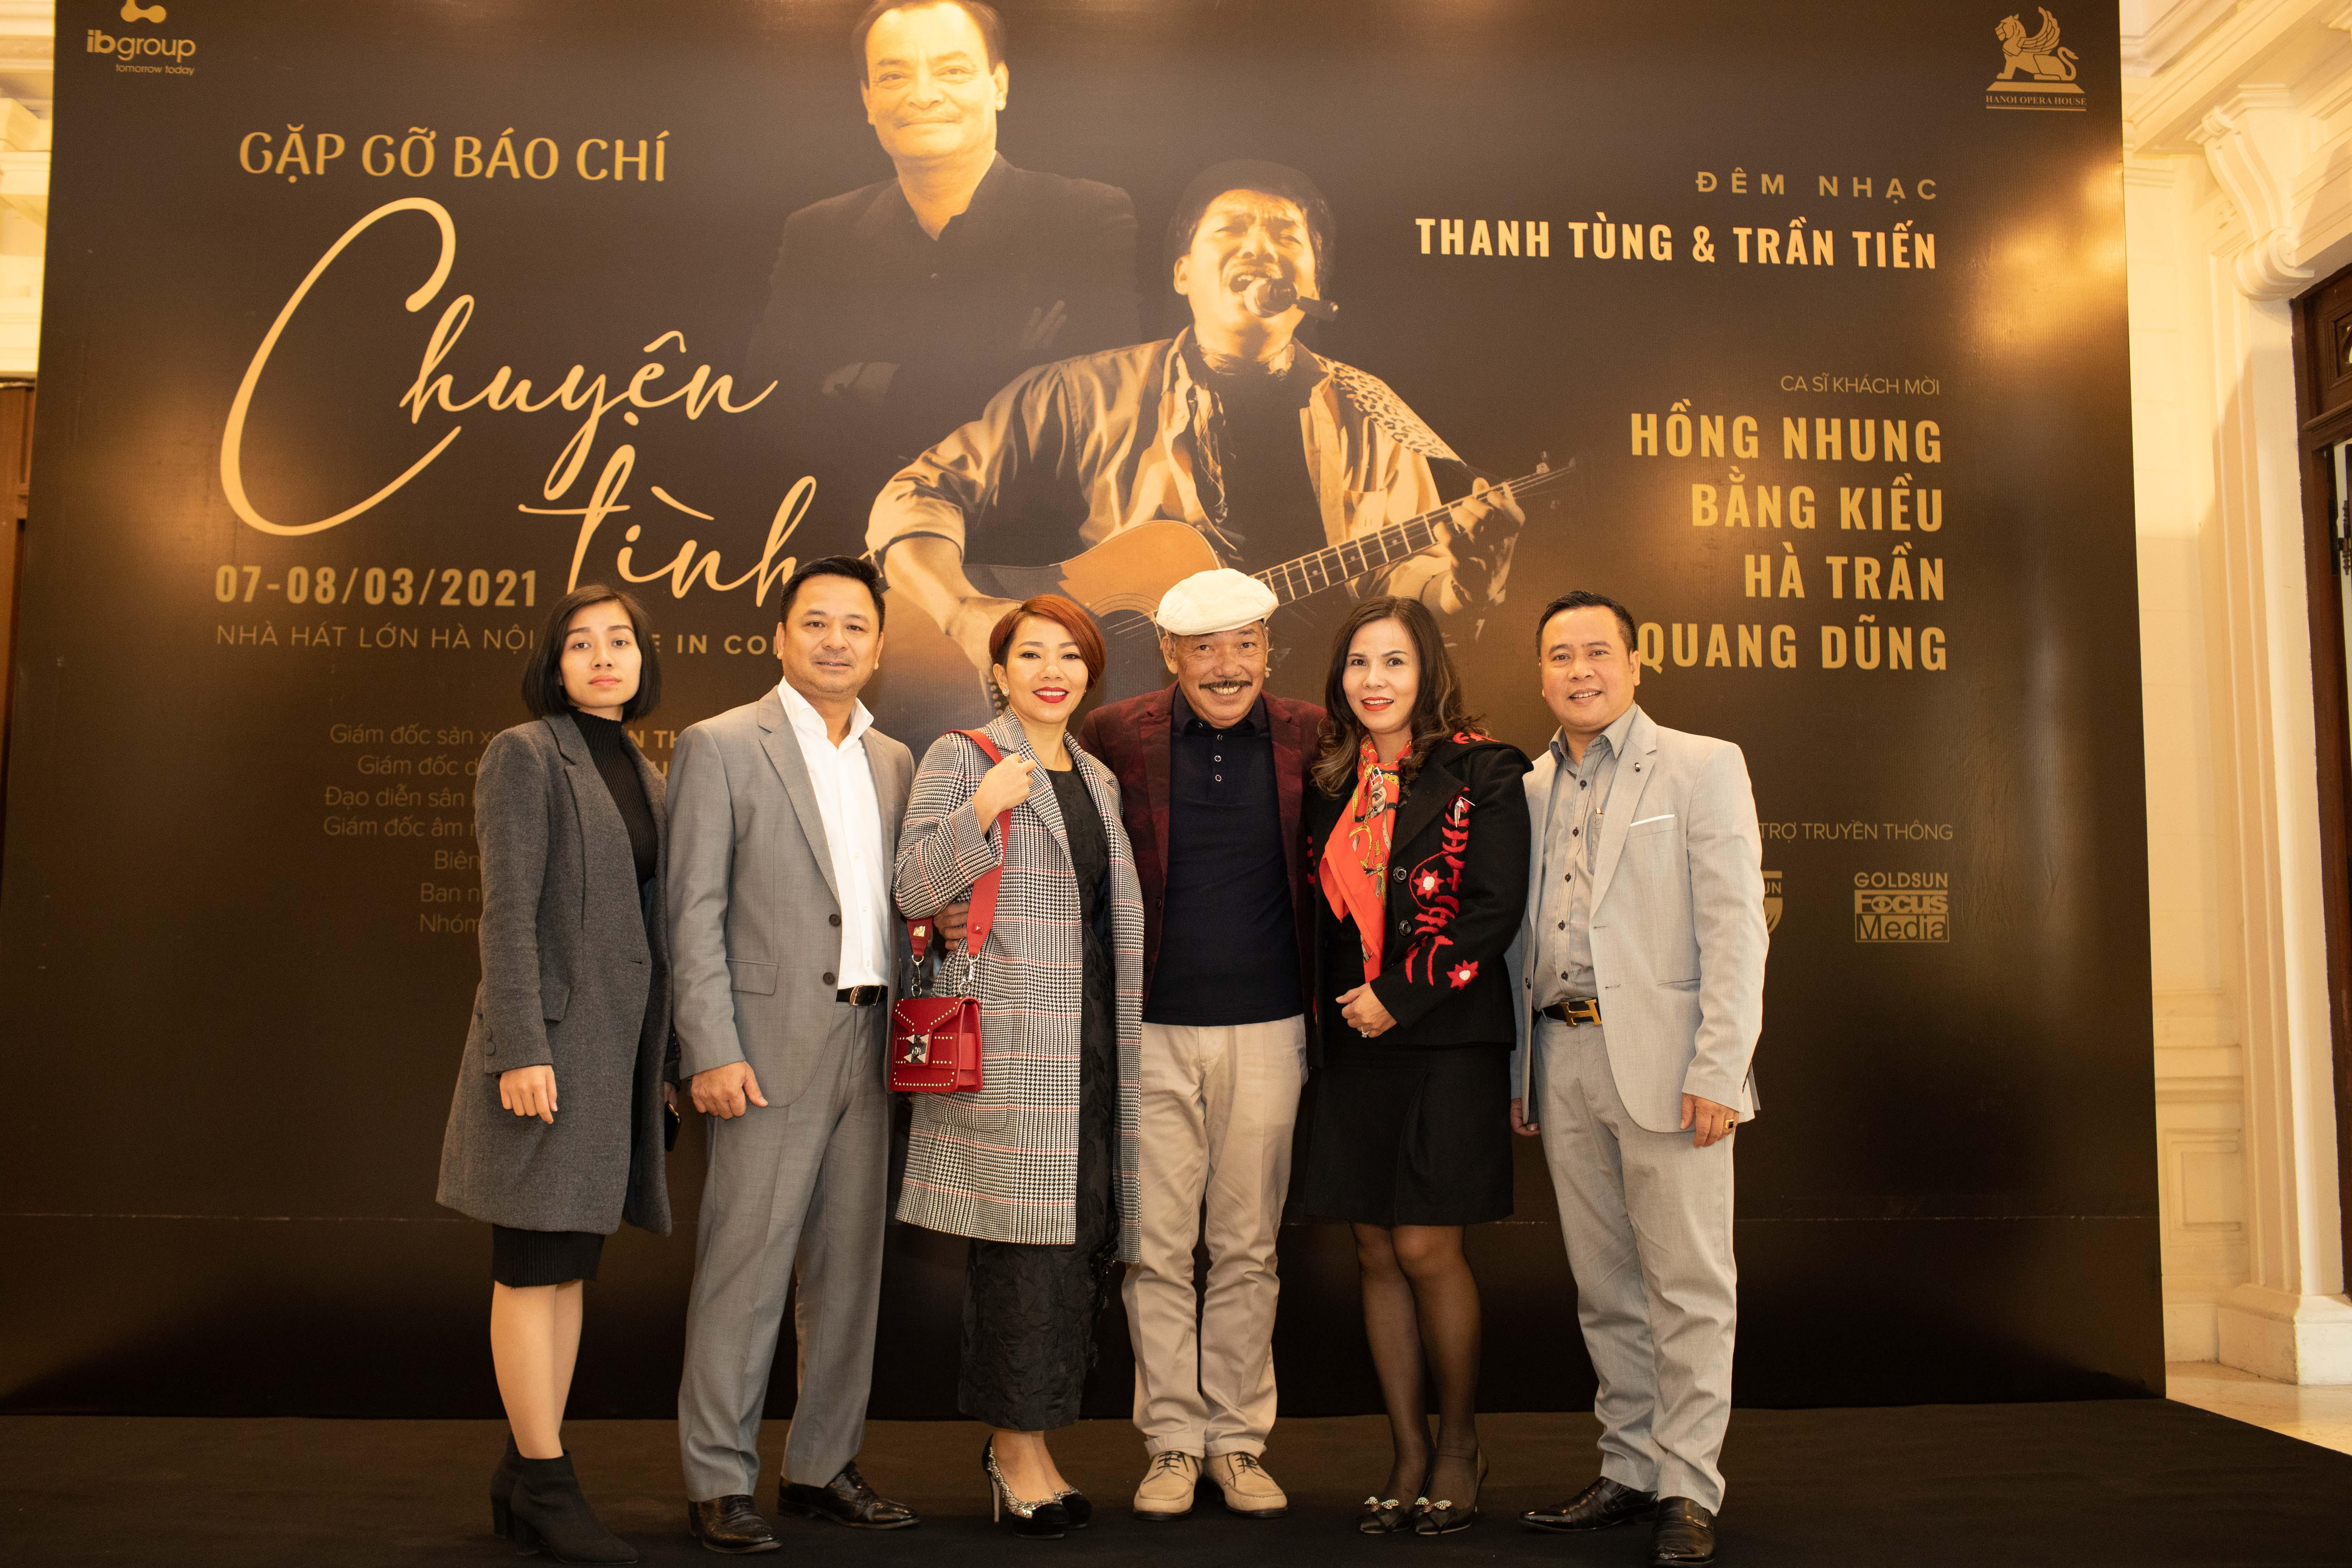 """Nhạc sĩ Trần Tiến cùng những người bạn tại buổi giới thiệu dự án âm nhạc """"Chuyện tình""""."""